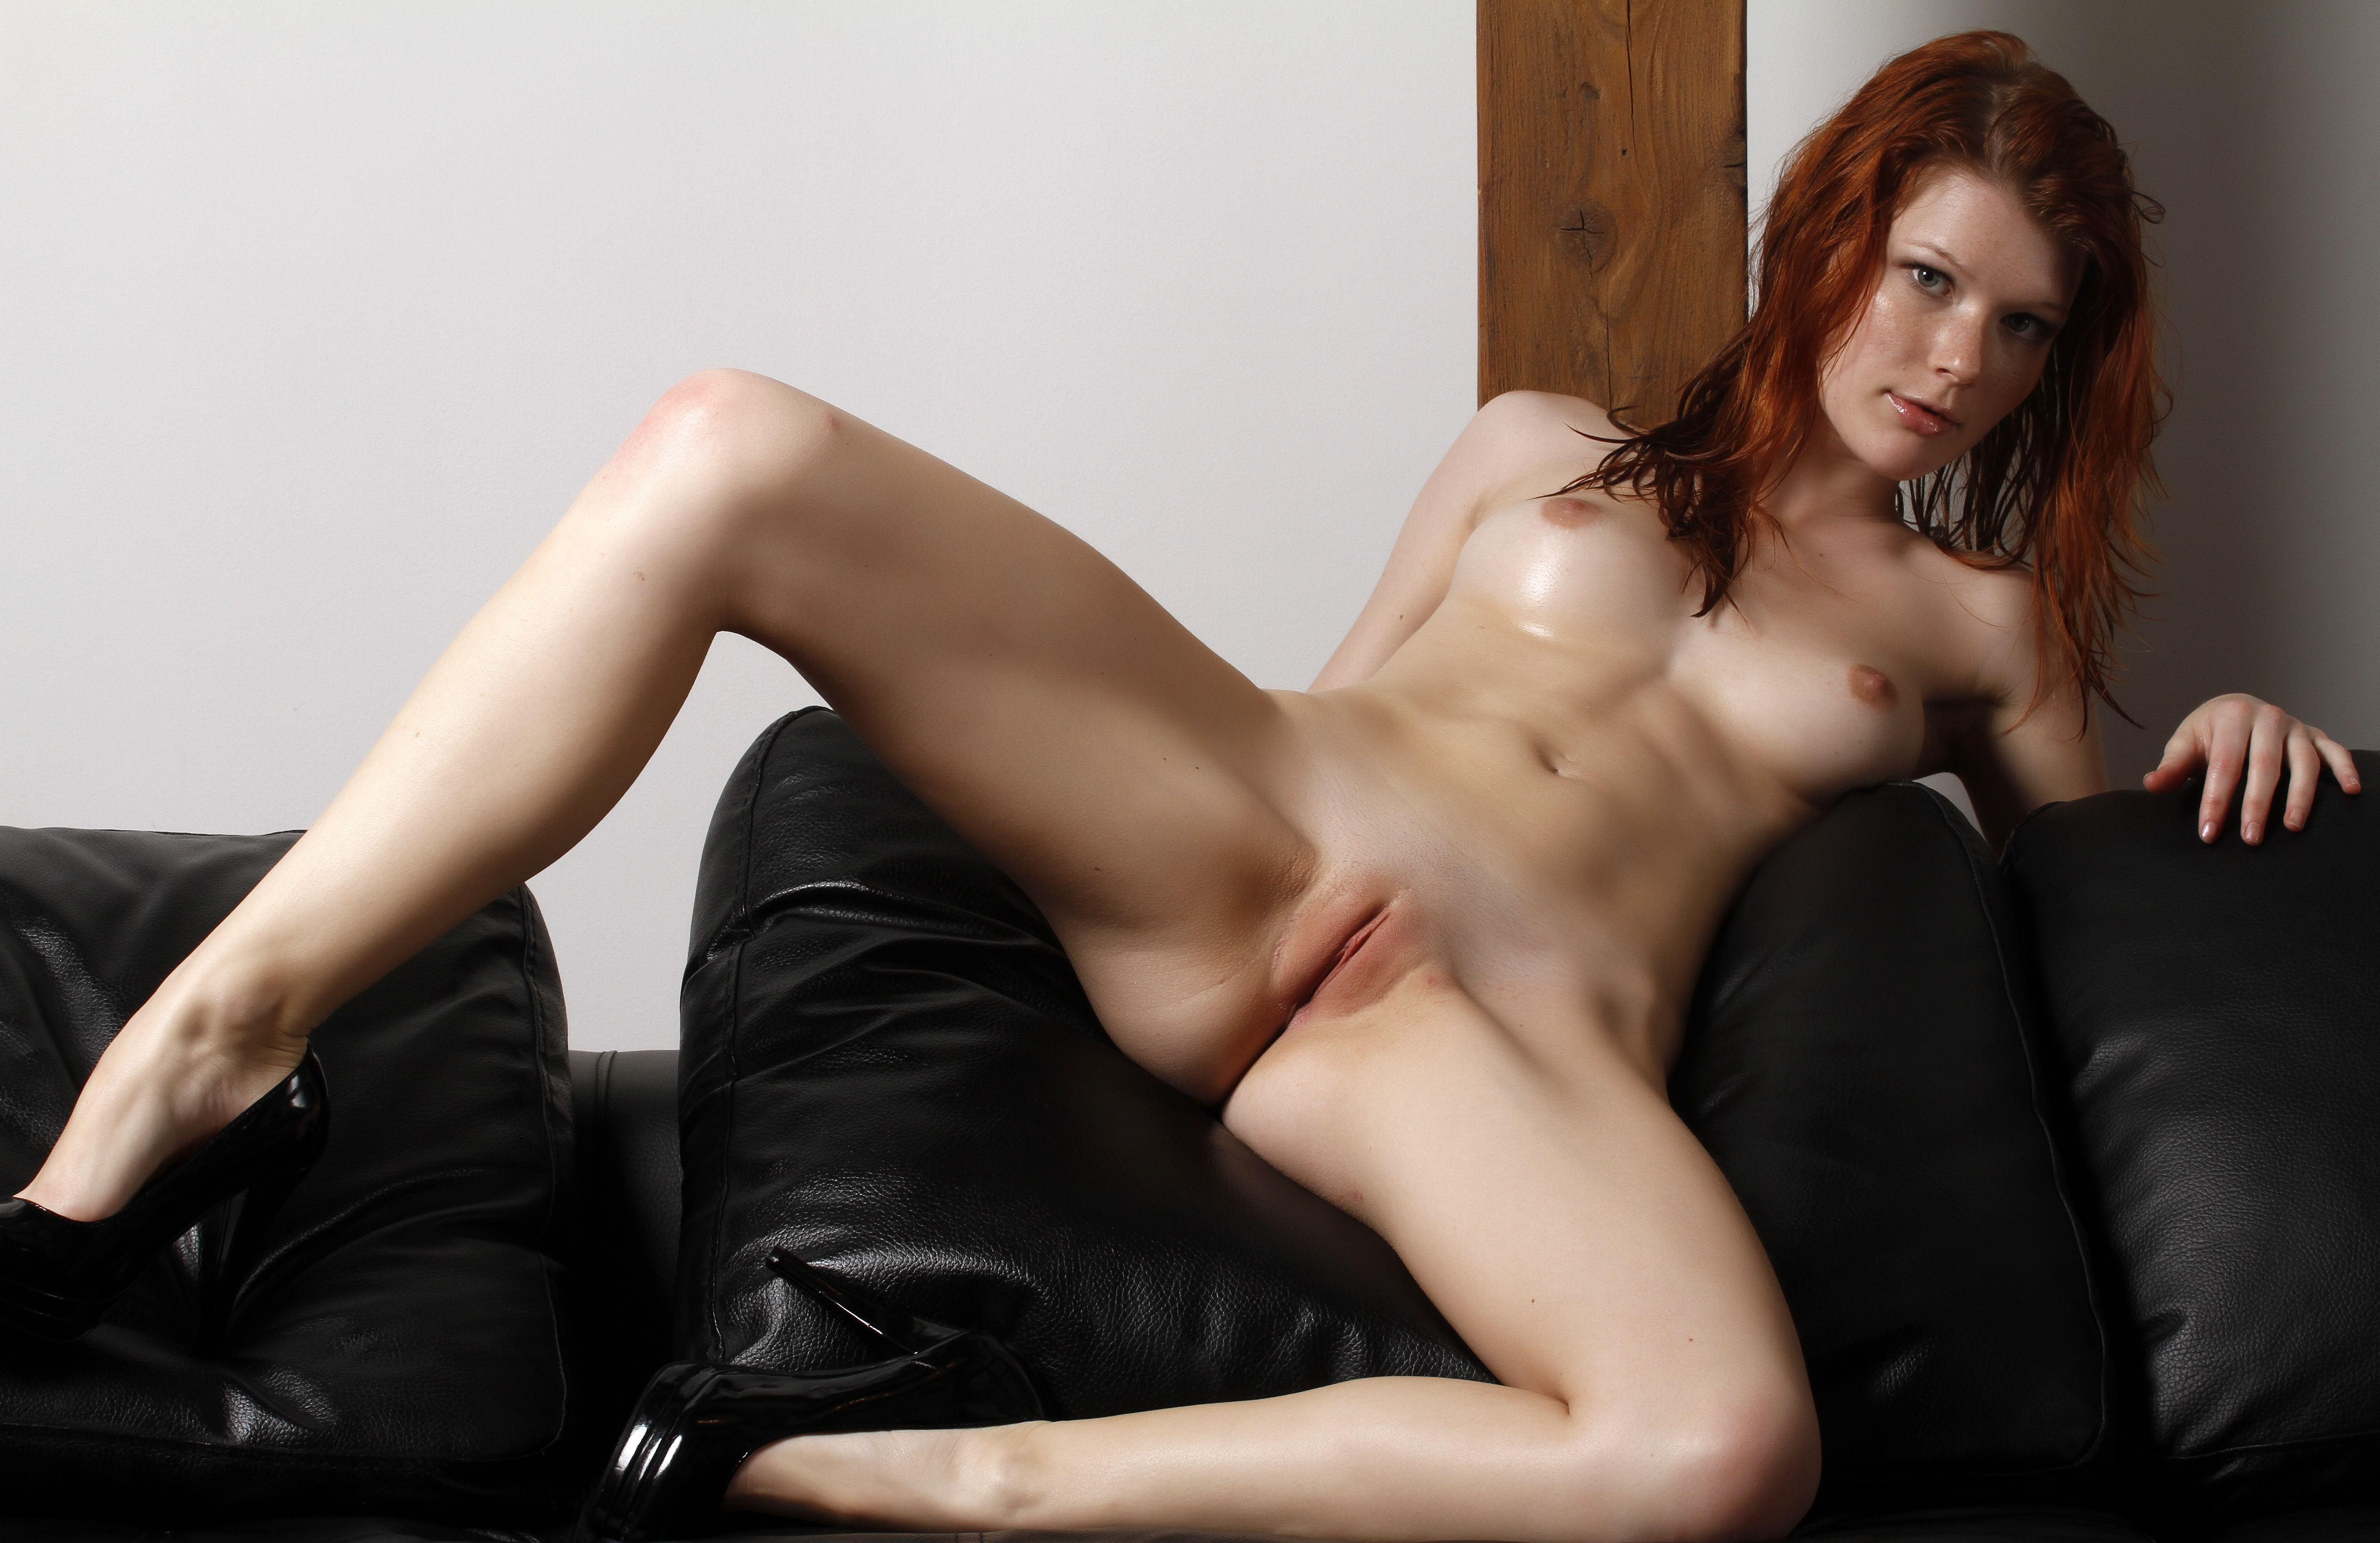 Фото Голая рыжеволосая девушка раздвигает ноги на черном кожаном диване, бритая пися, сексуальное тело, сочные ляжки, сексуальные ножки, скачать картинку бесплатно